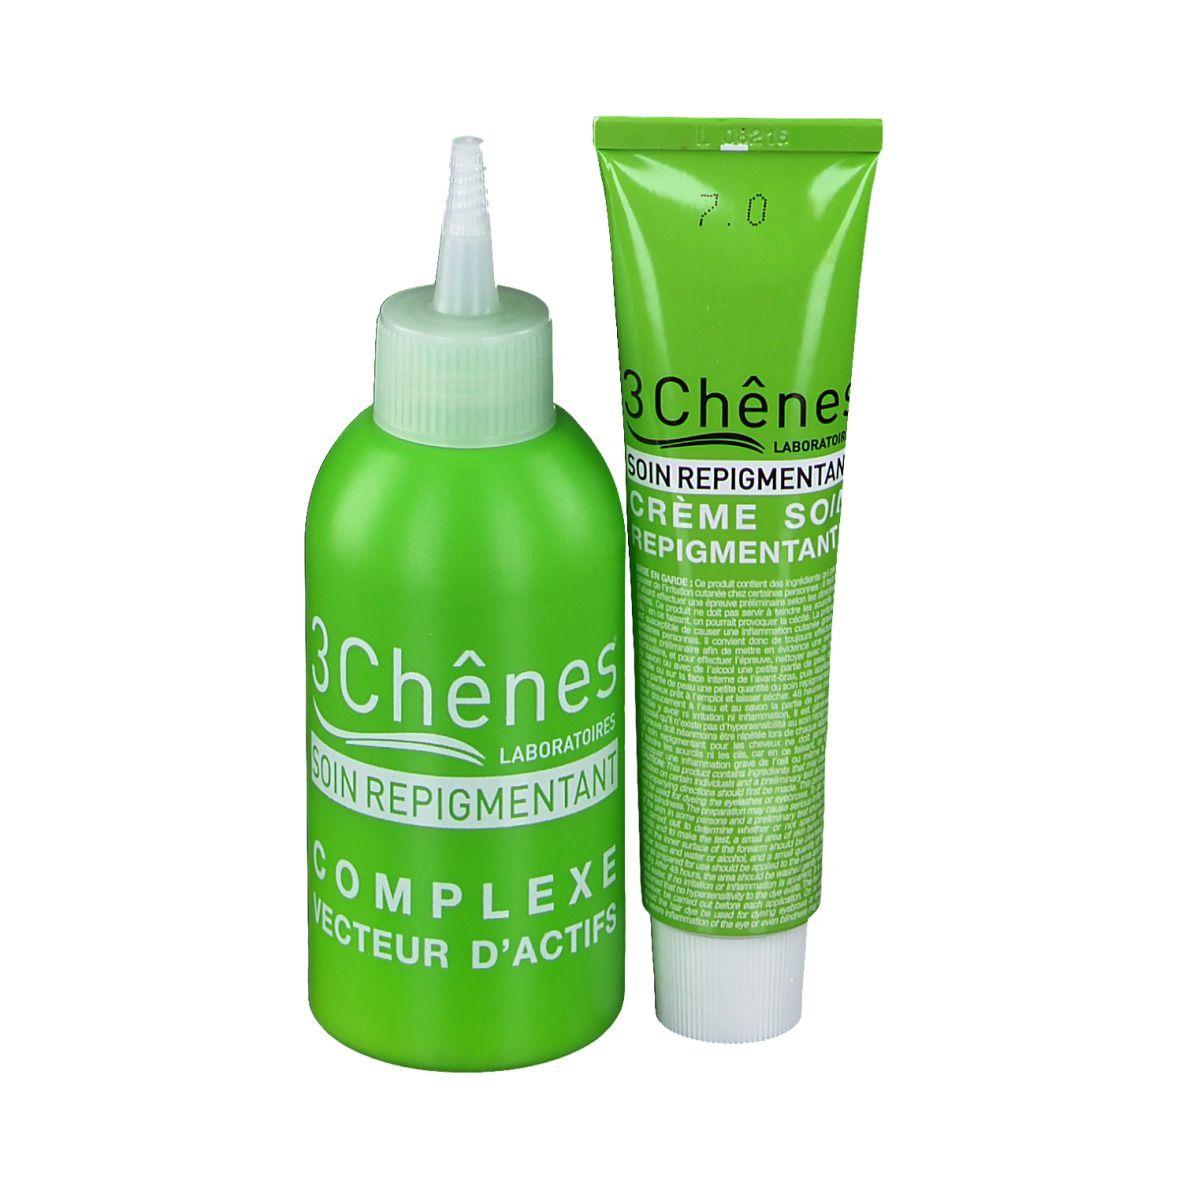 3 Chênes Les 3 Chênes® Soin répigmentant 7.0 blond pc(s) lotion(s)